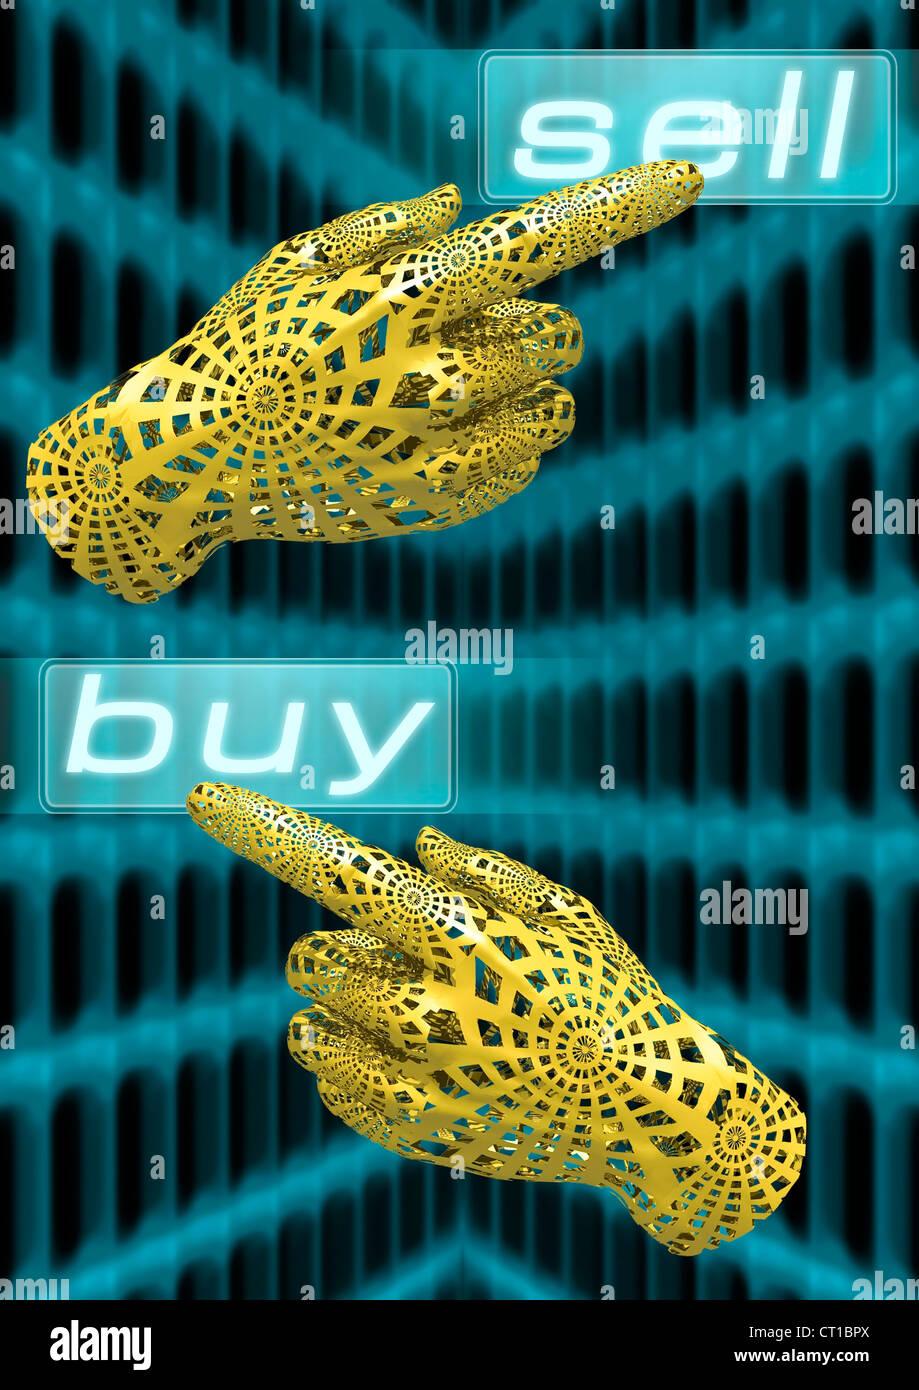 virtual hands trade stocks online - virtuelle Hand bedient Touchscreen mit Kauf- und Verkaufsbefehlen - Stock Image